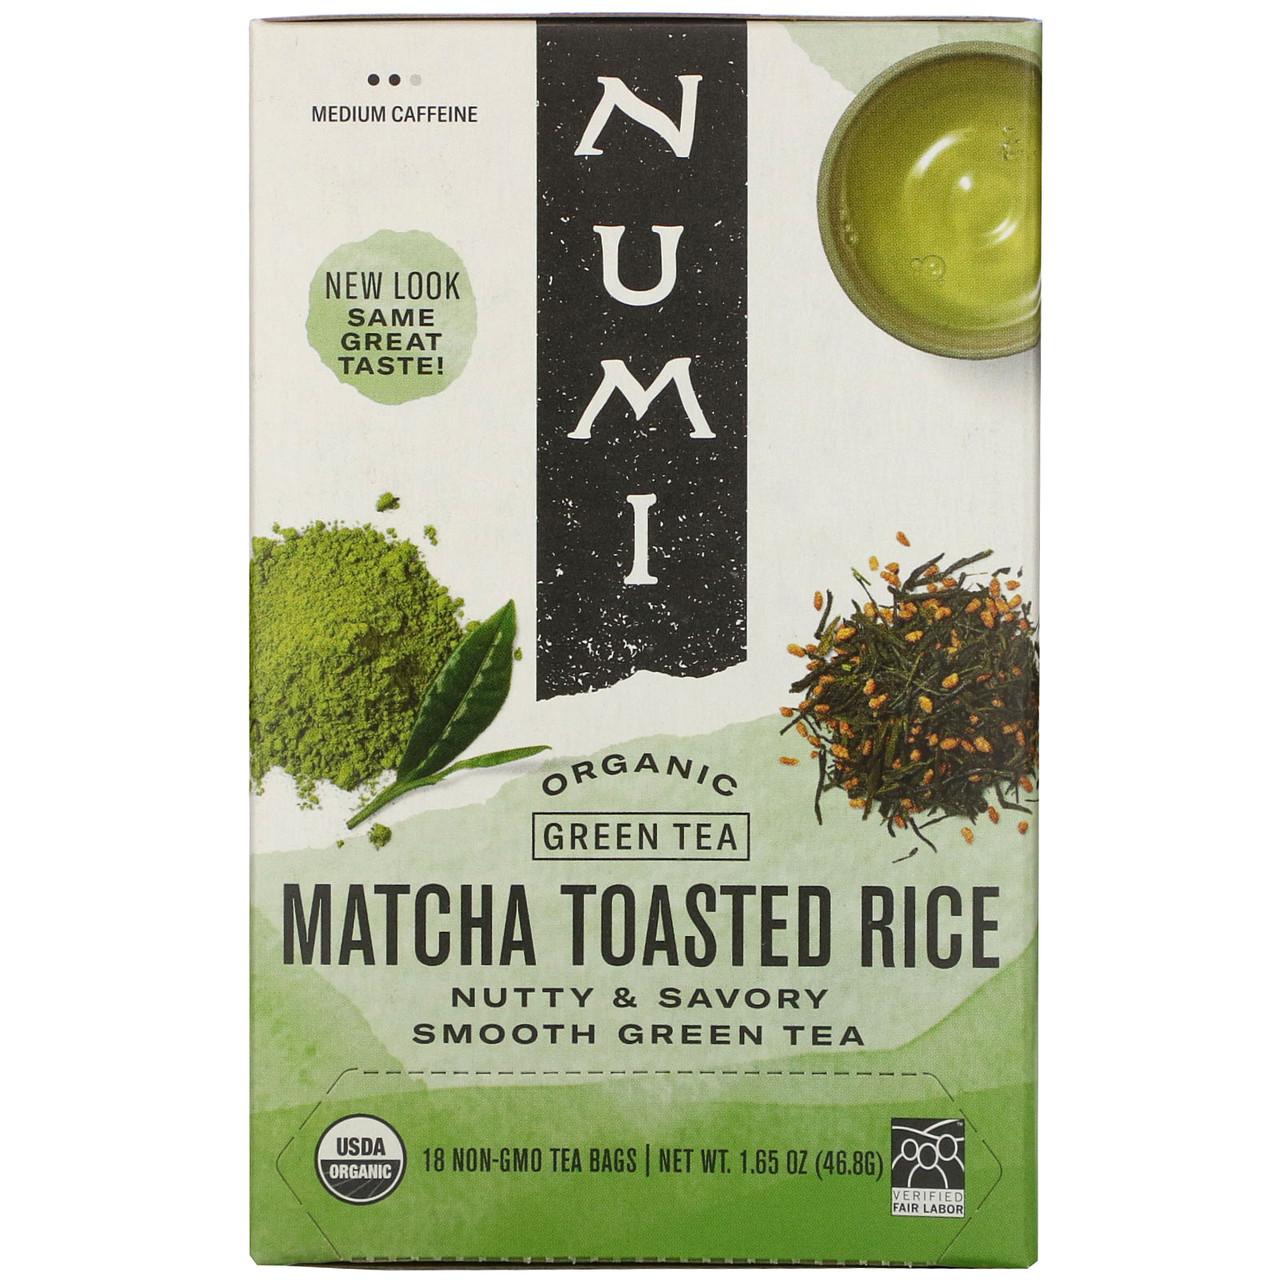 Numi Tea, Органічний зелений чай, підсмажений рис, 18 пакетиків, 1,65 унції (46,8 г) кожна